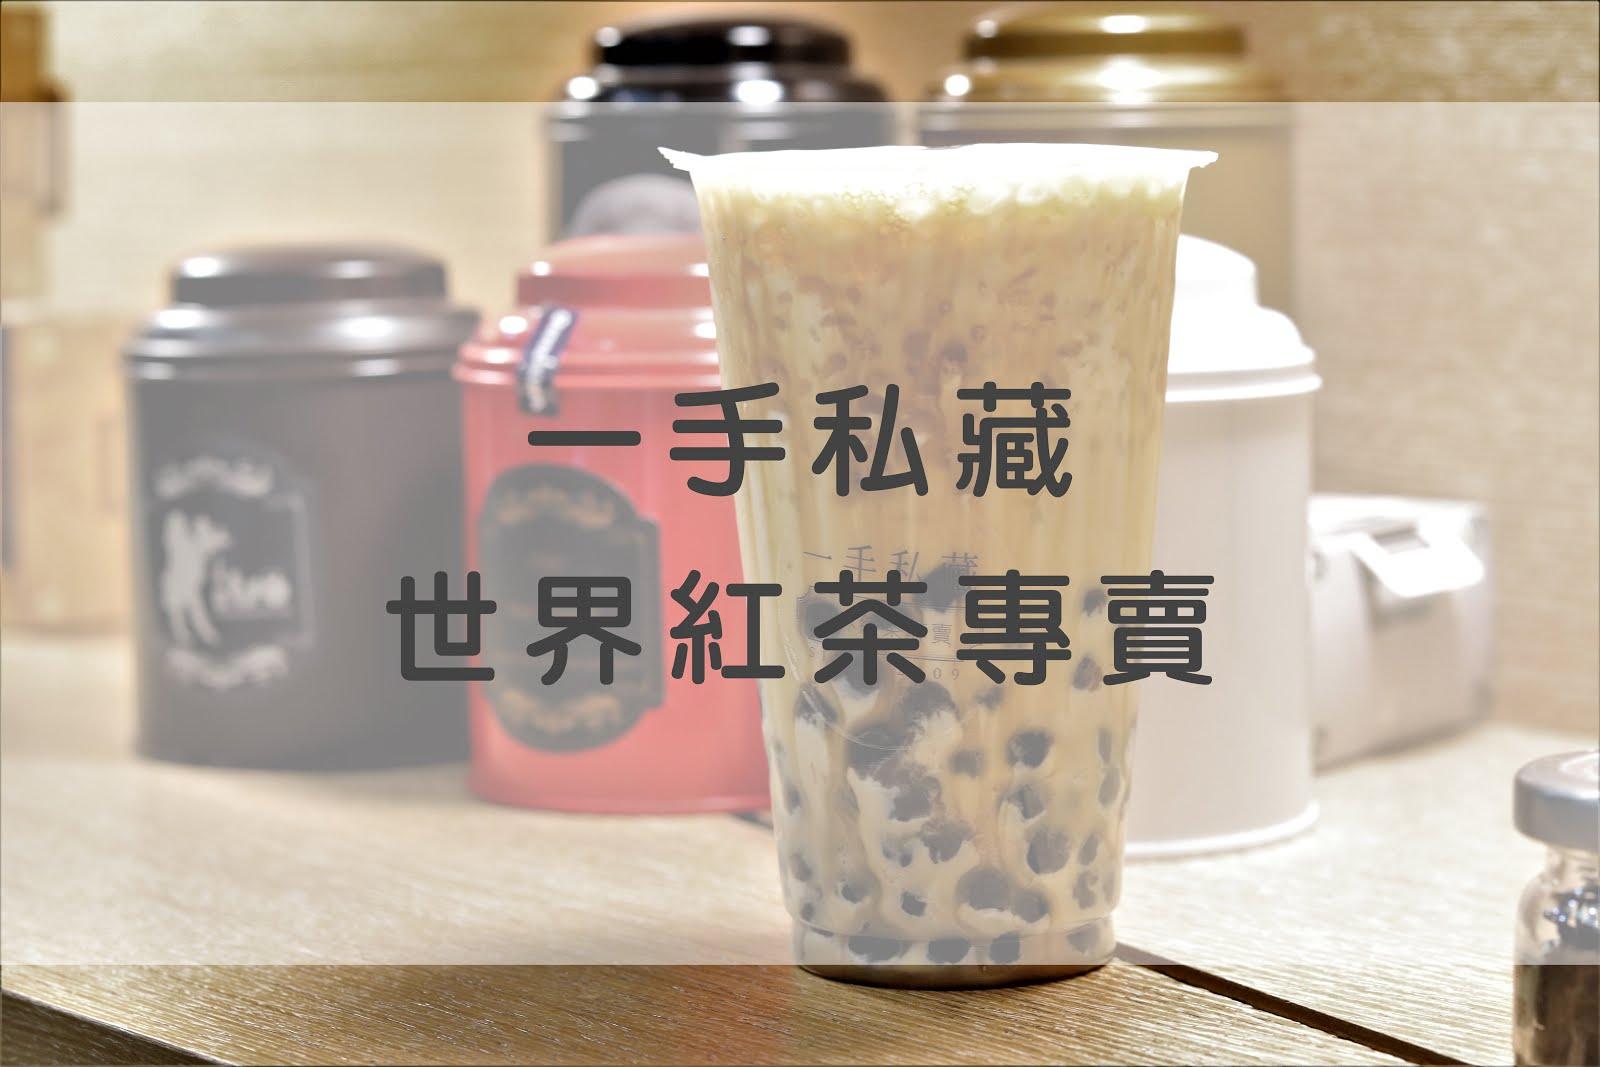 臺南一手私藏 世界紅茶專賣店!仲夏夜、夏卡爾、蜜斯茶多種風味。香濃太厚黑奶加入生乳更香醇。附菜單 ...